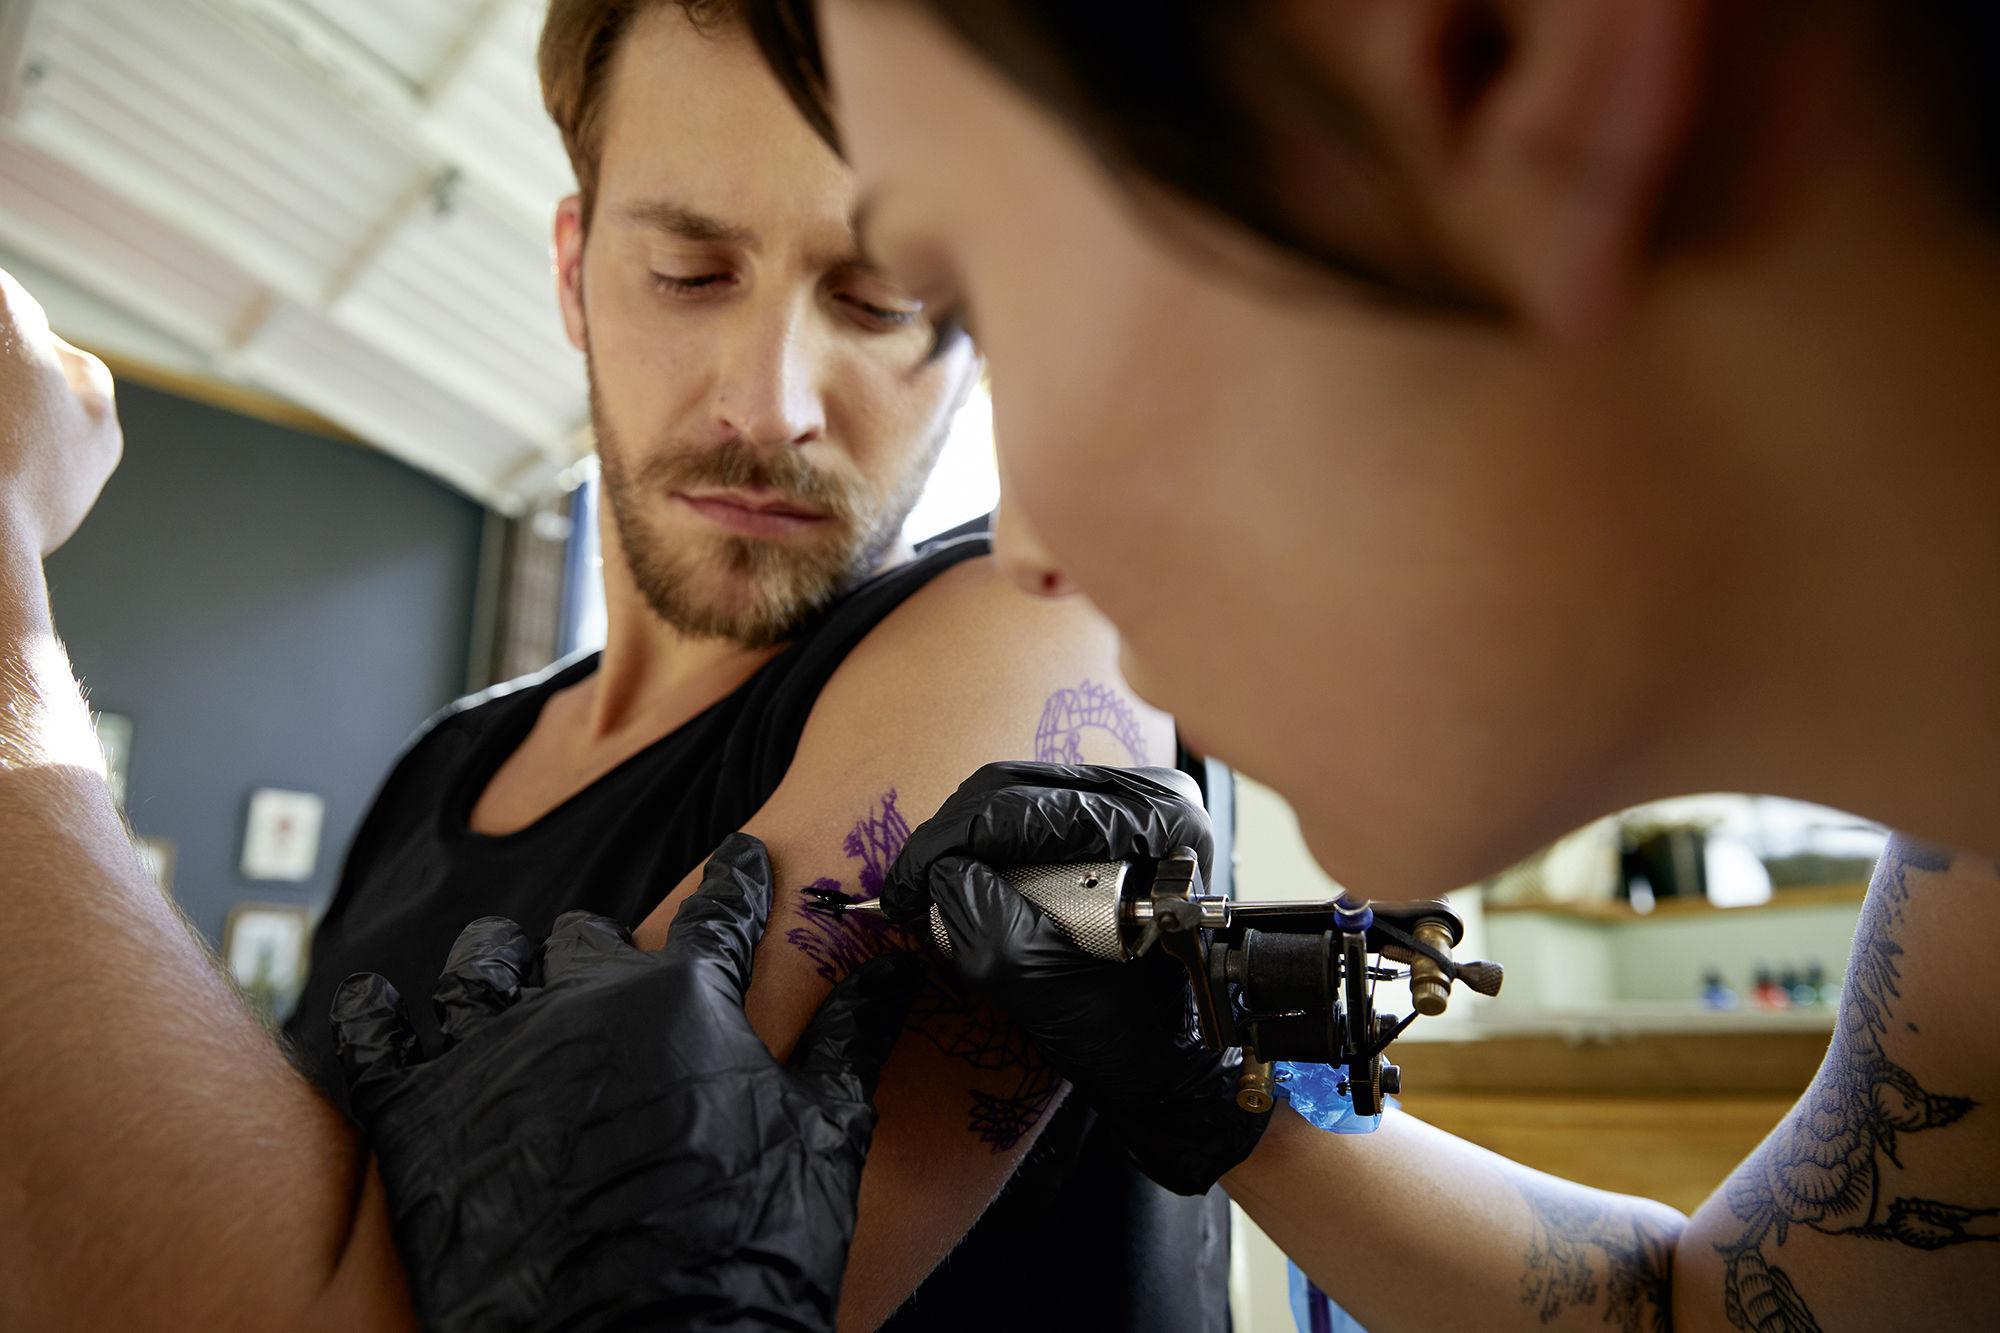 CHRISTA KLUBERT PHOTOGRAPHERS: DAVID MAURER FOR PORSCHE MACAN TURBO